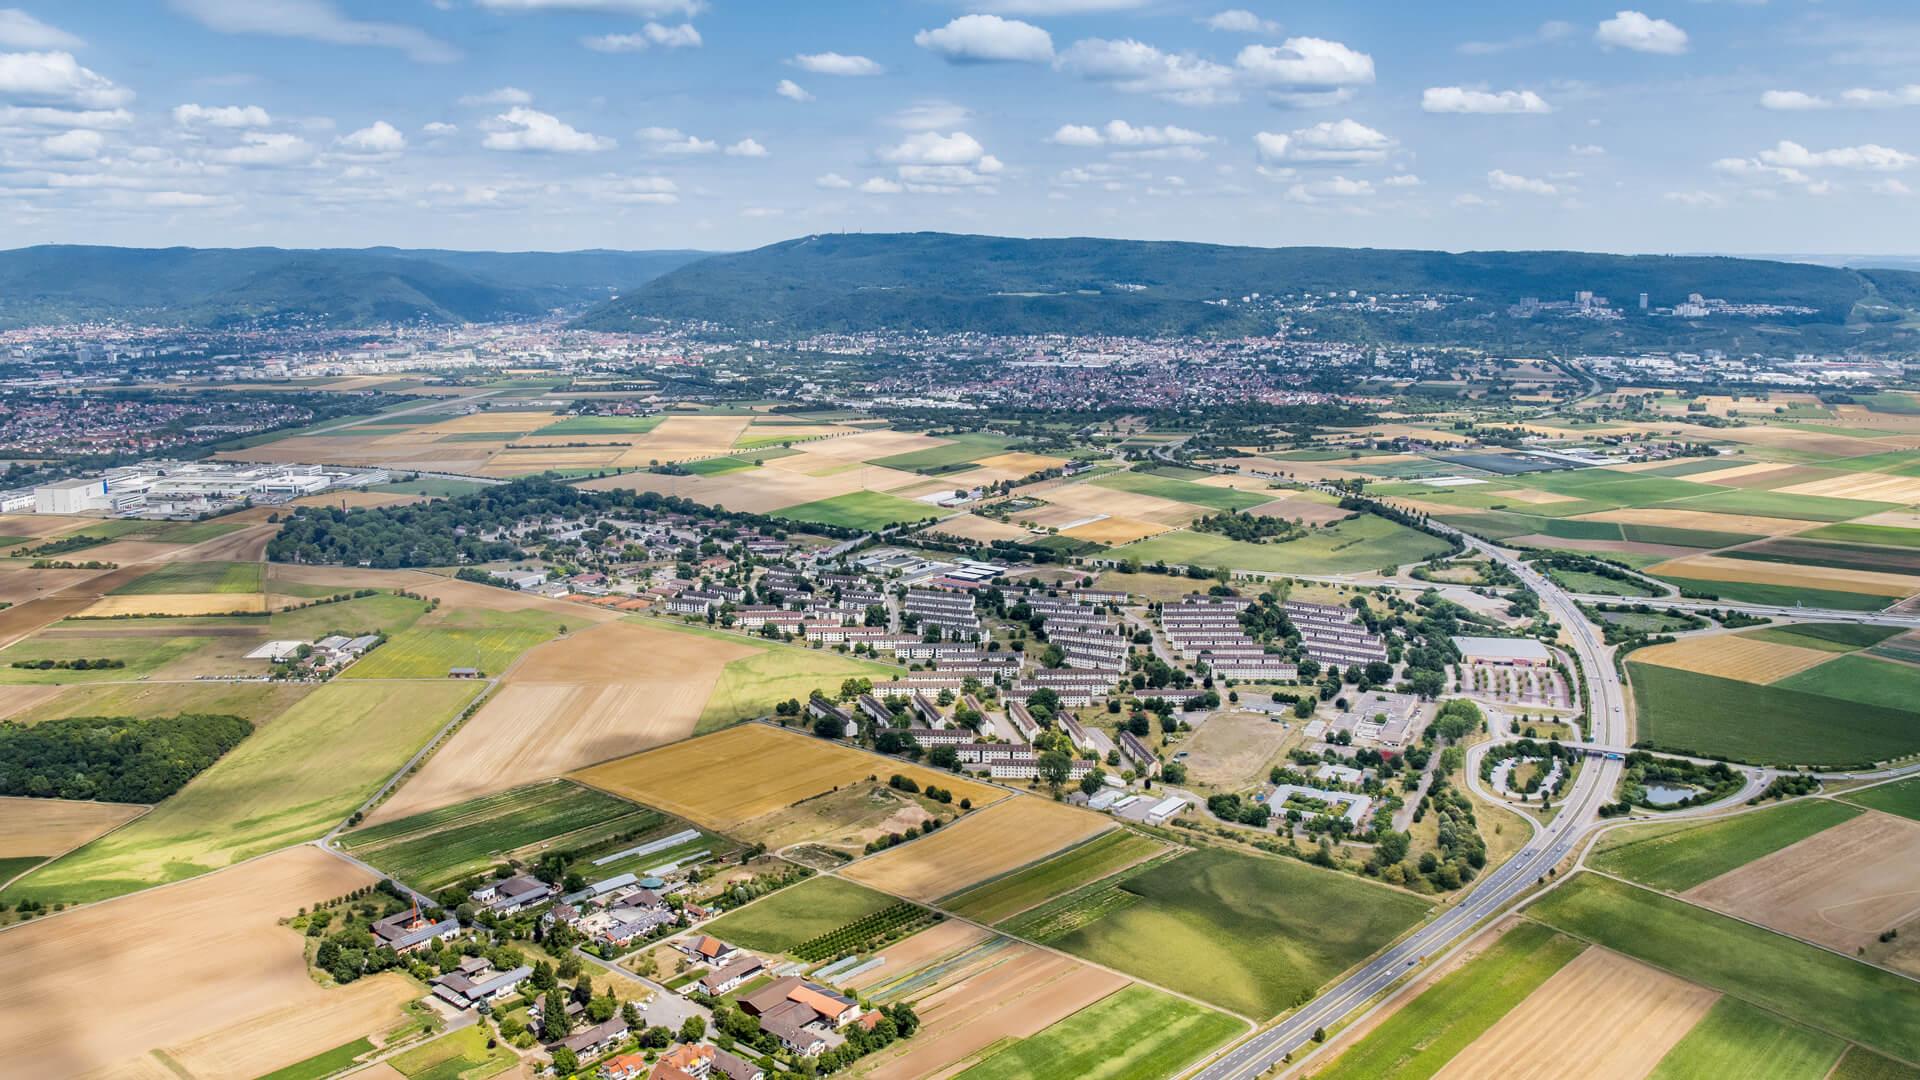 Im Herbst 2019 schließen die Stadt Heidelberg und die BImA eine gemeinsame Vereinbarung zur baulichen Entwicklung von PHV ab. © Lossen